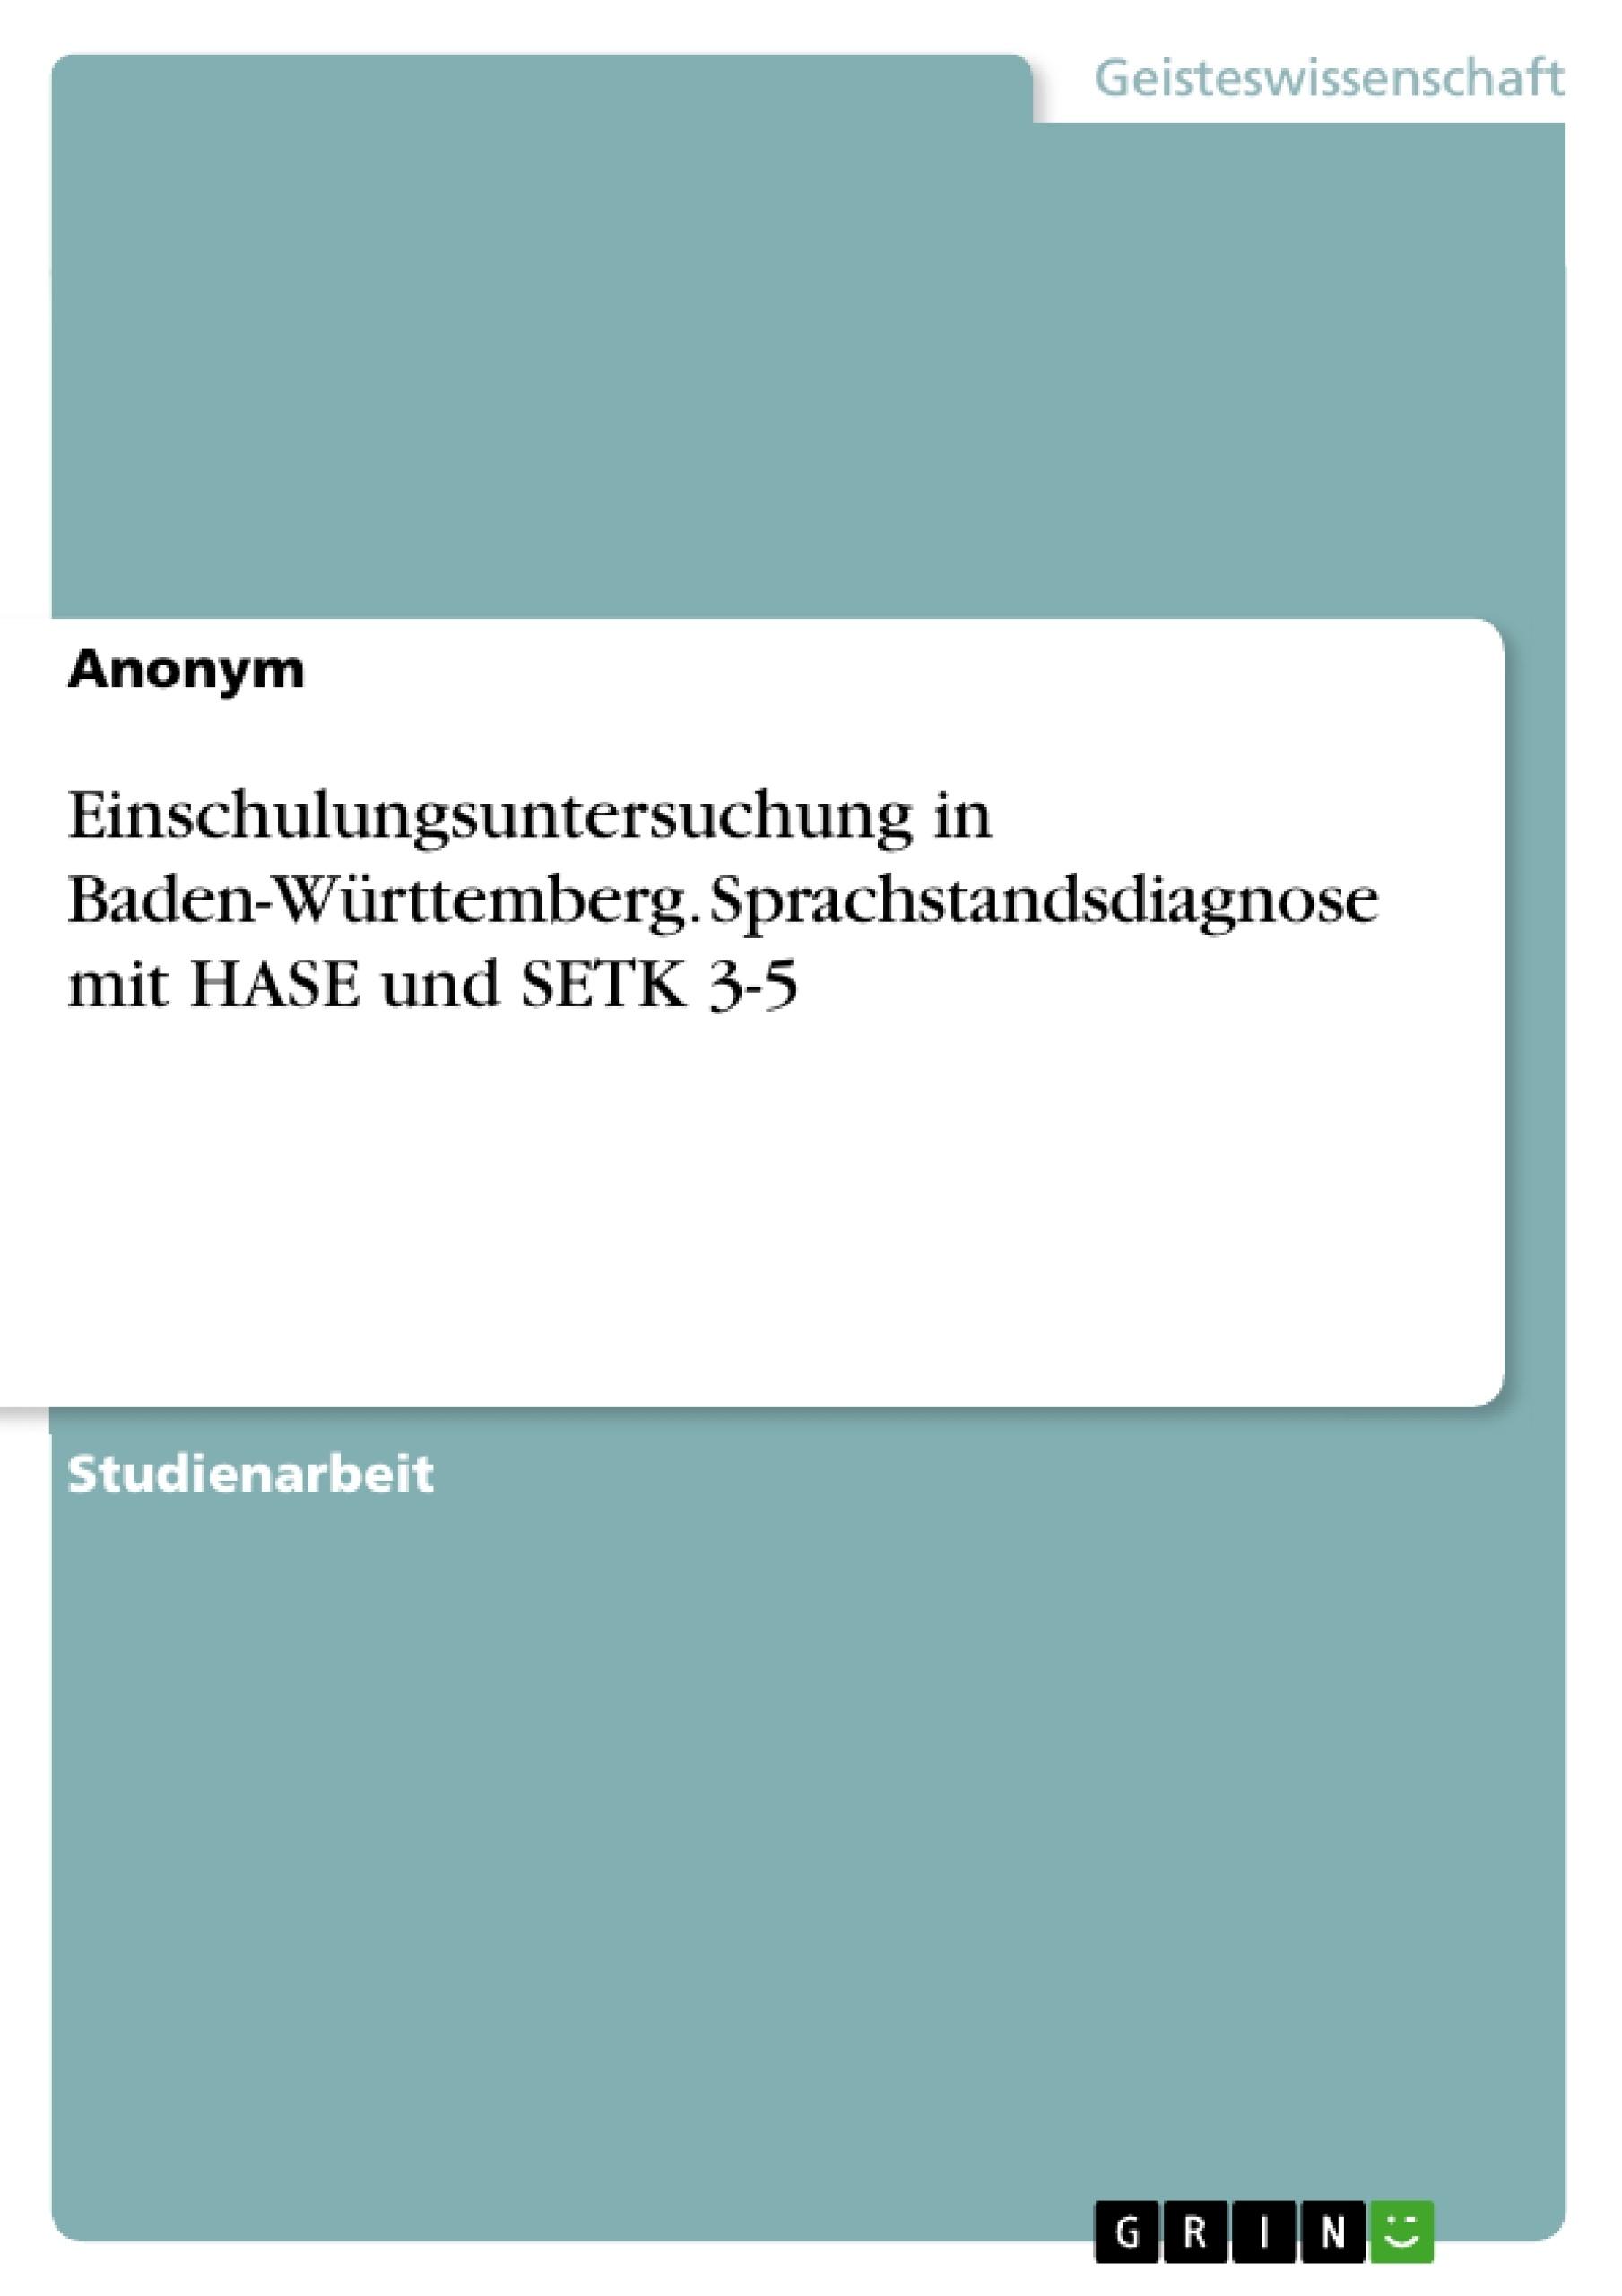 Titel: Einschulungsuntersuchung in Baden-Württemberg. Sprachstandsdiagnose mit HASE und SETK 3-5